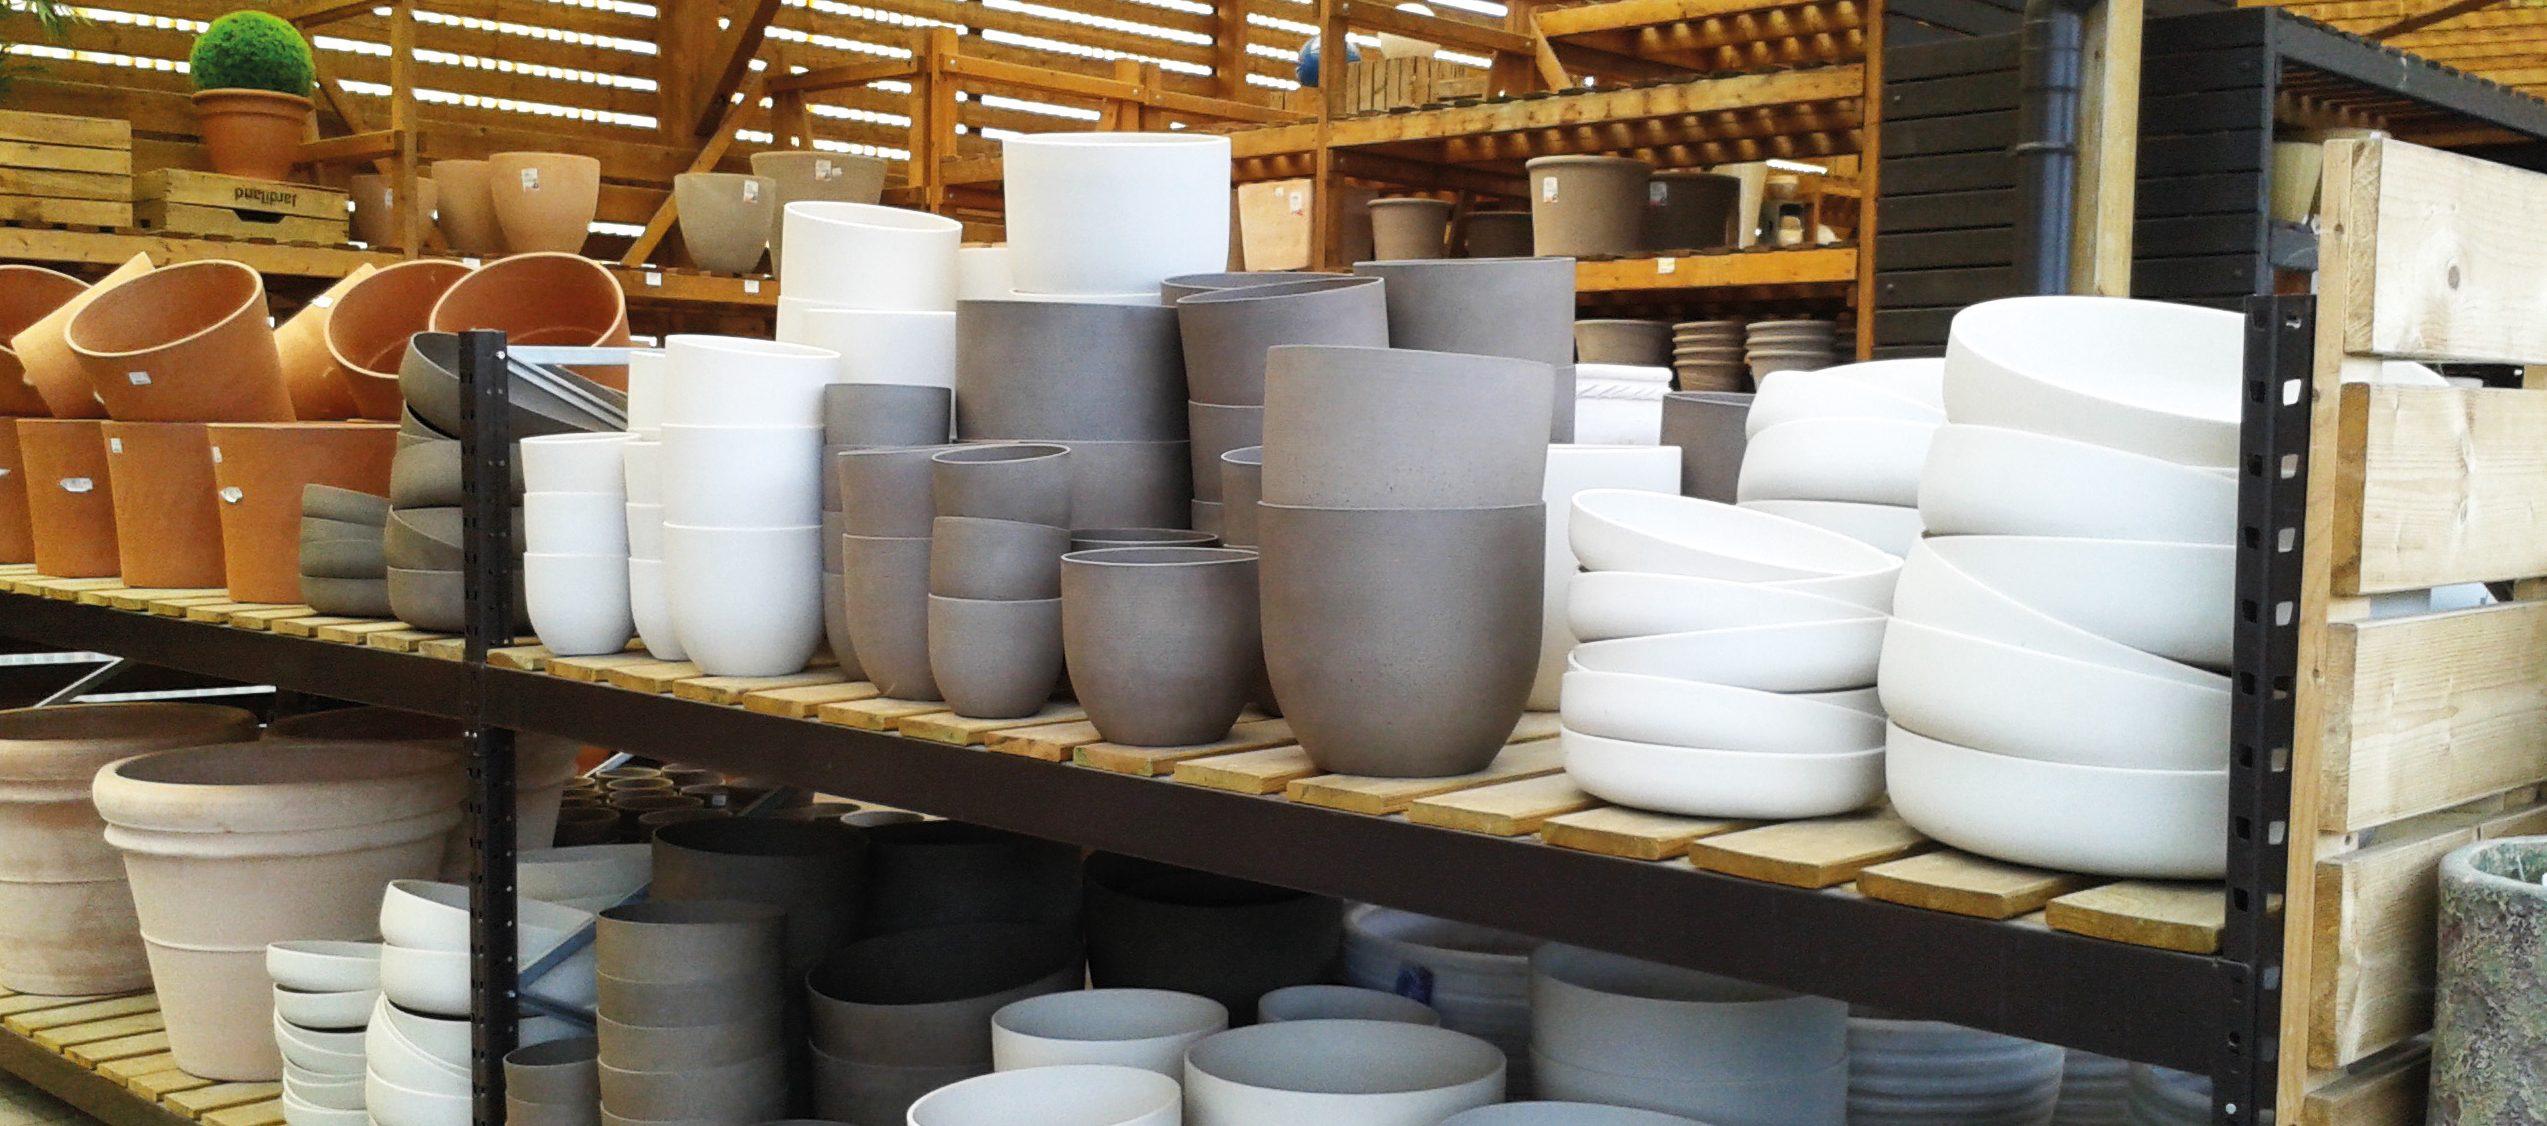 Très élégants lorsqu'ils sont nombreux, les pots ronds sont faciles à installer. Les pots carrés enrichiront les jardins modernes lorsqu'ils contiendront une seule plante aux formes graphiques - © Noëlle Dorion